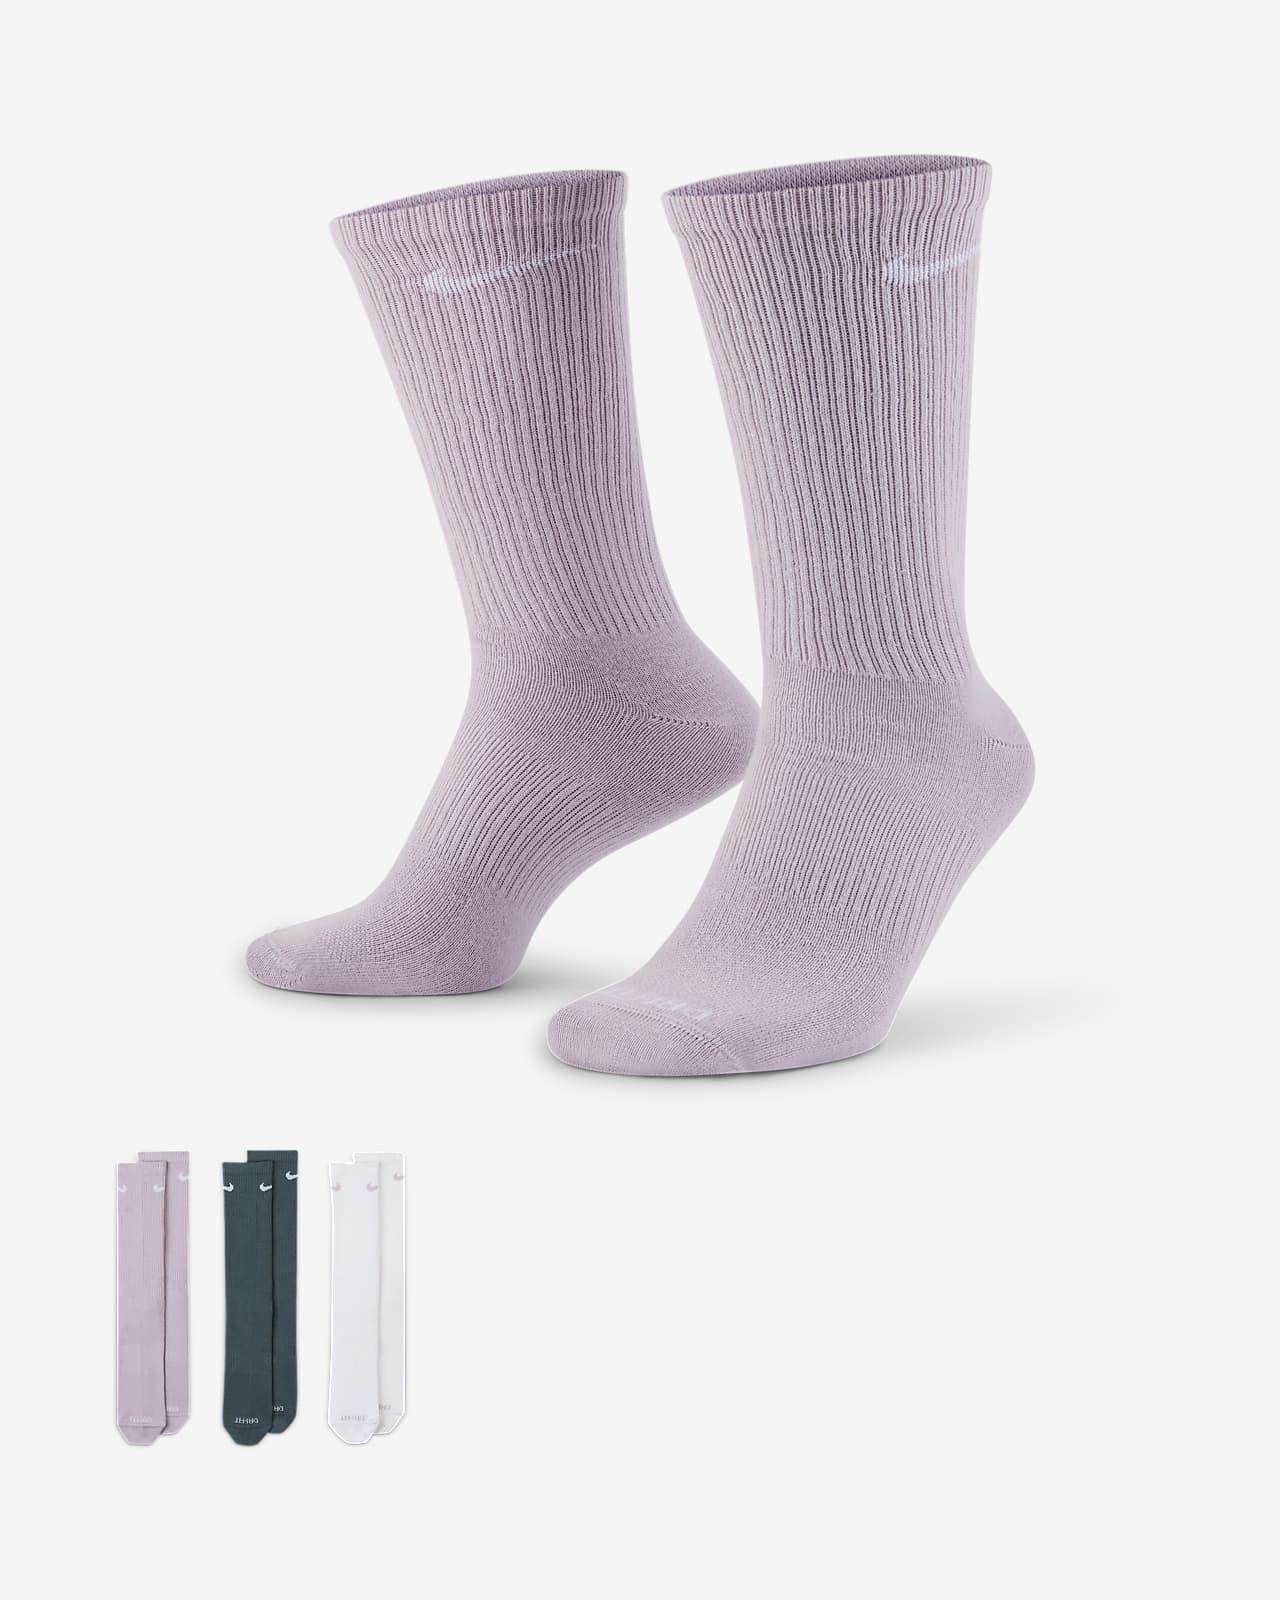 Calcetines largos de entrenamiento para hombre Nike Everyday Plus Lightweight (3 pares)